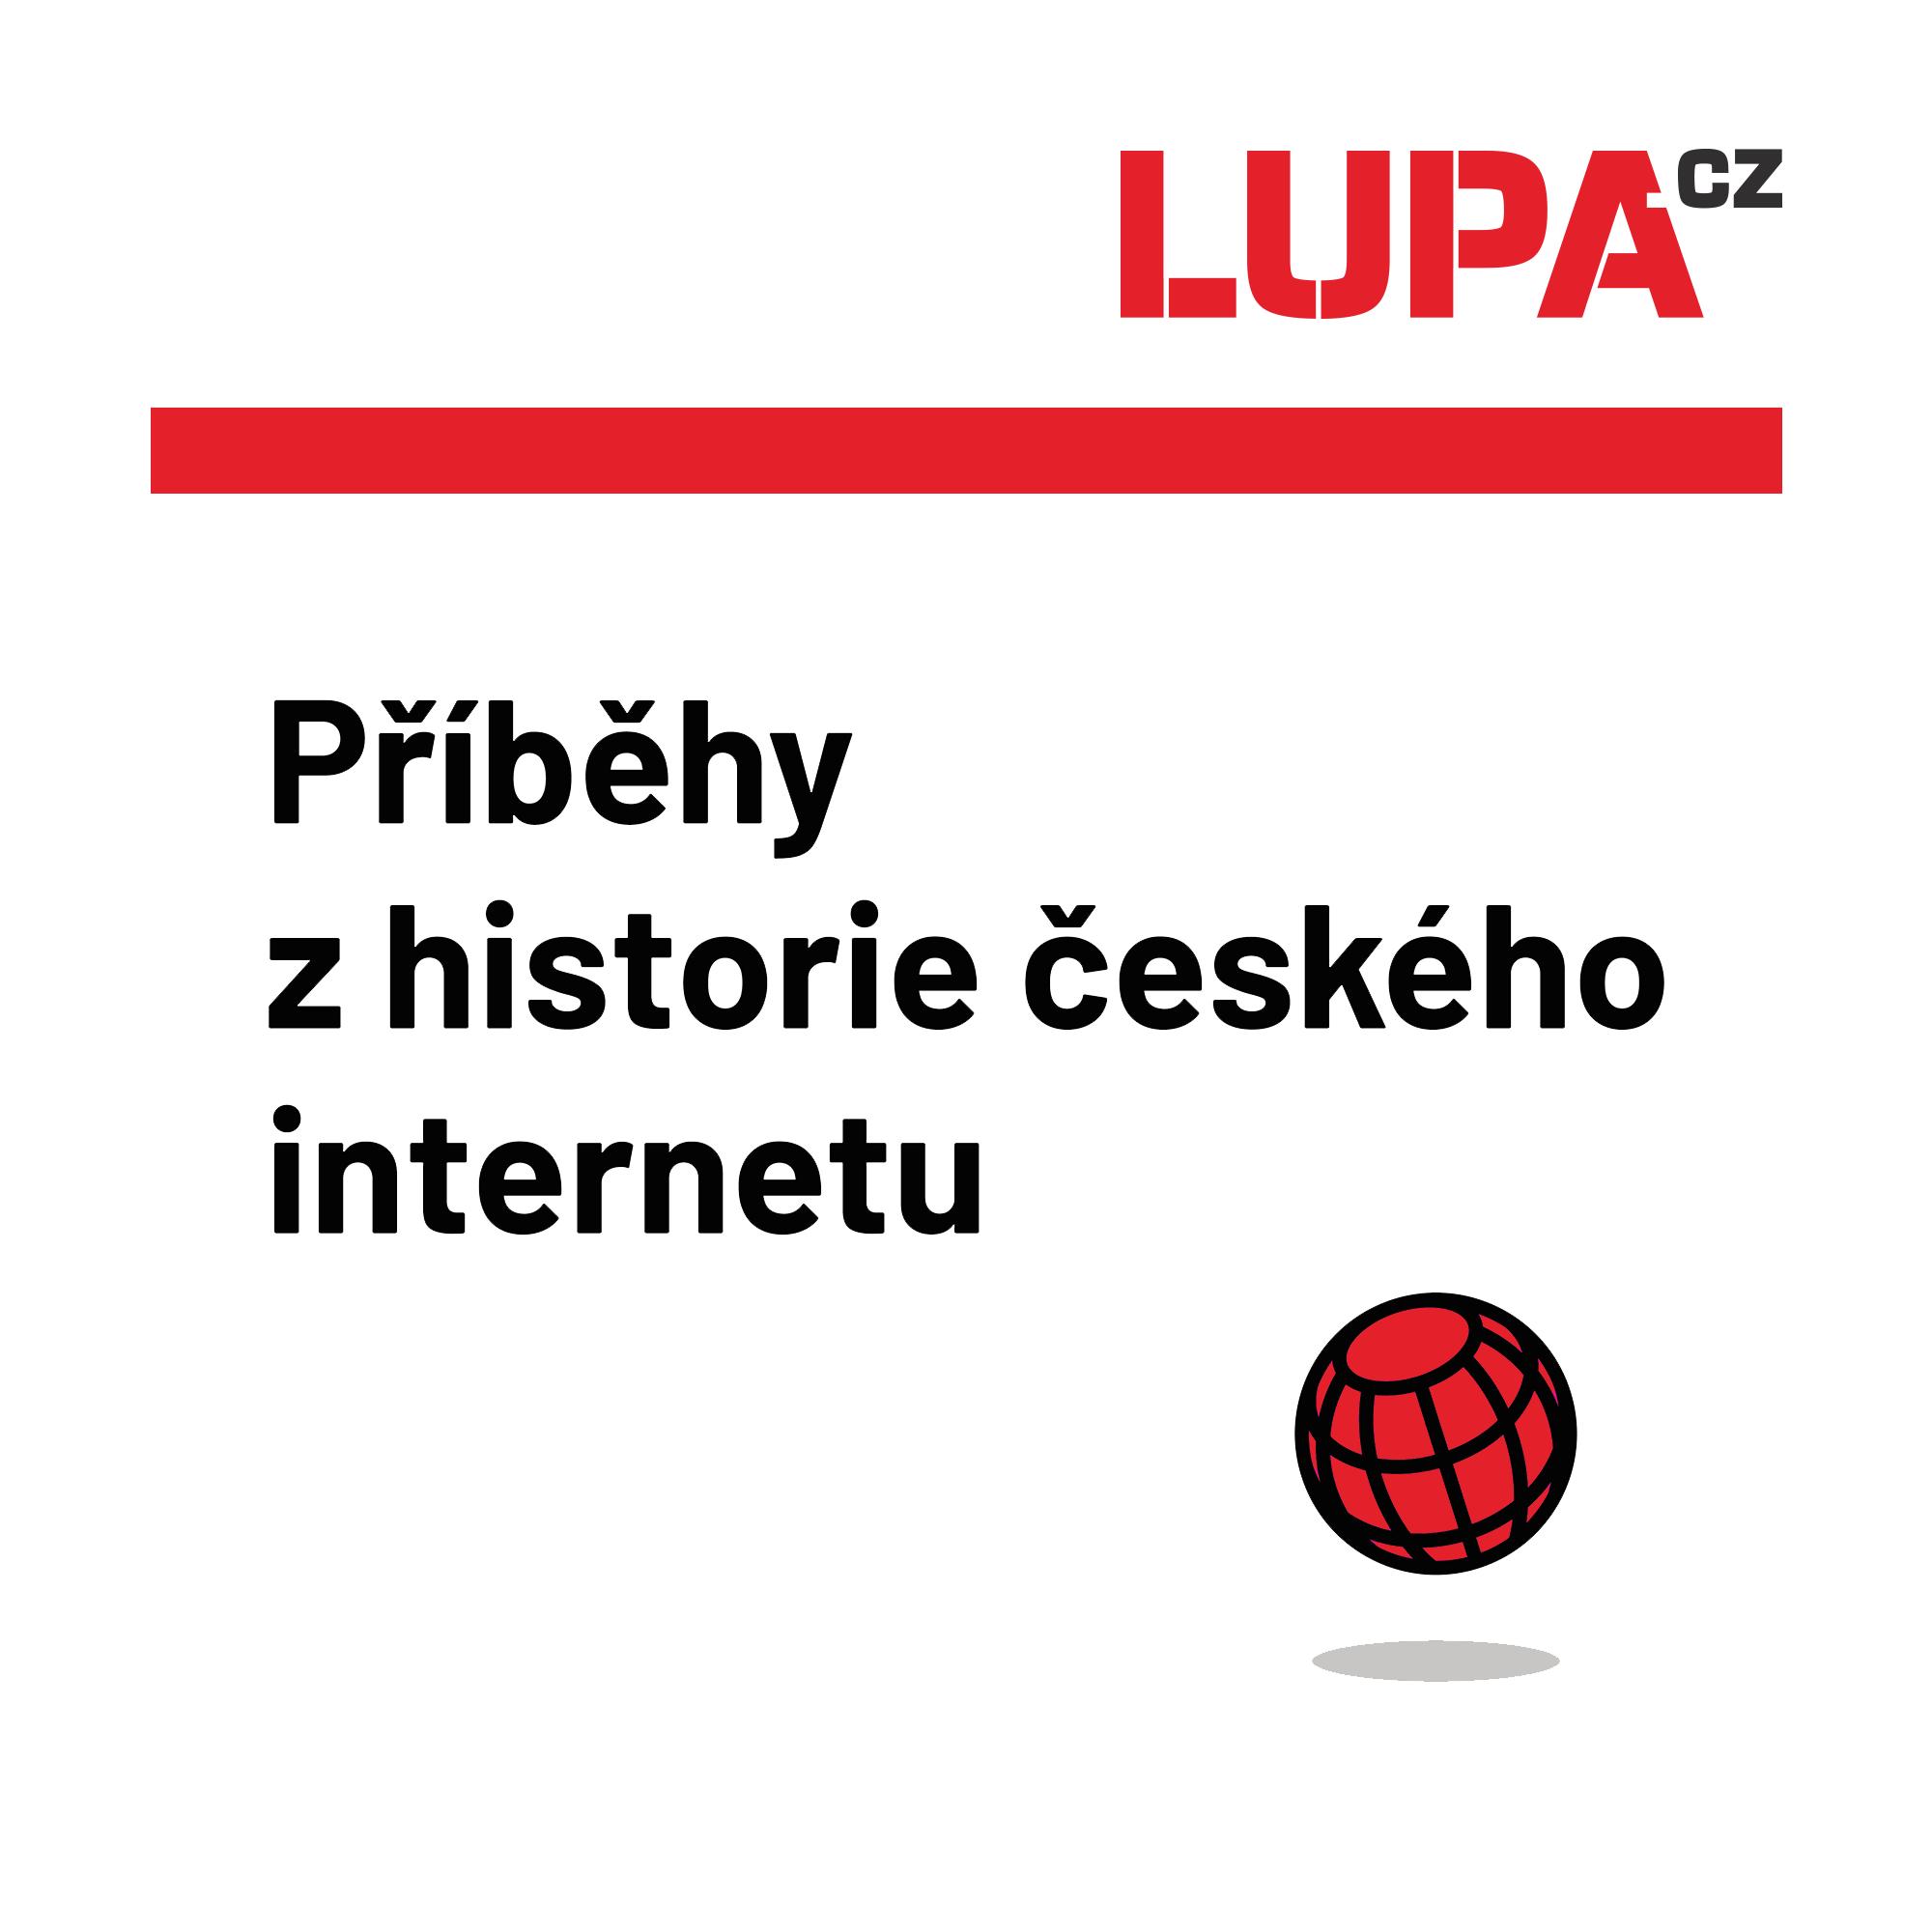 Příběhy zhistorie českého internetu: Ta holka, která rozumí počítačům